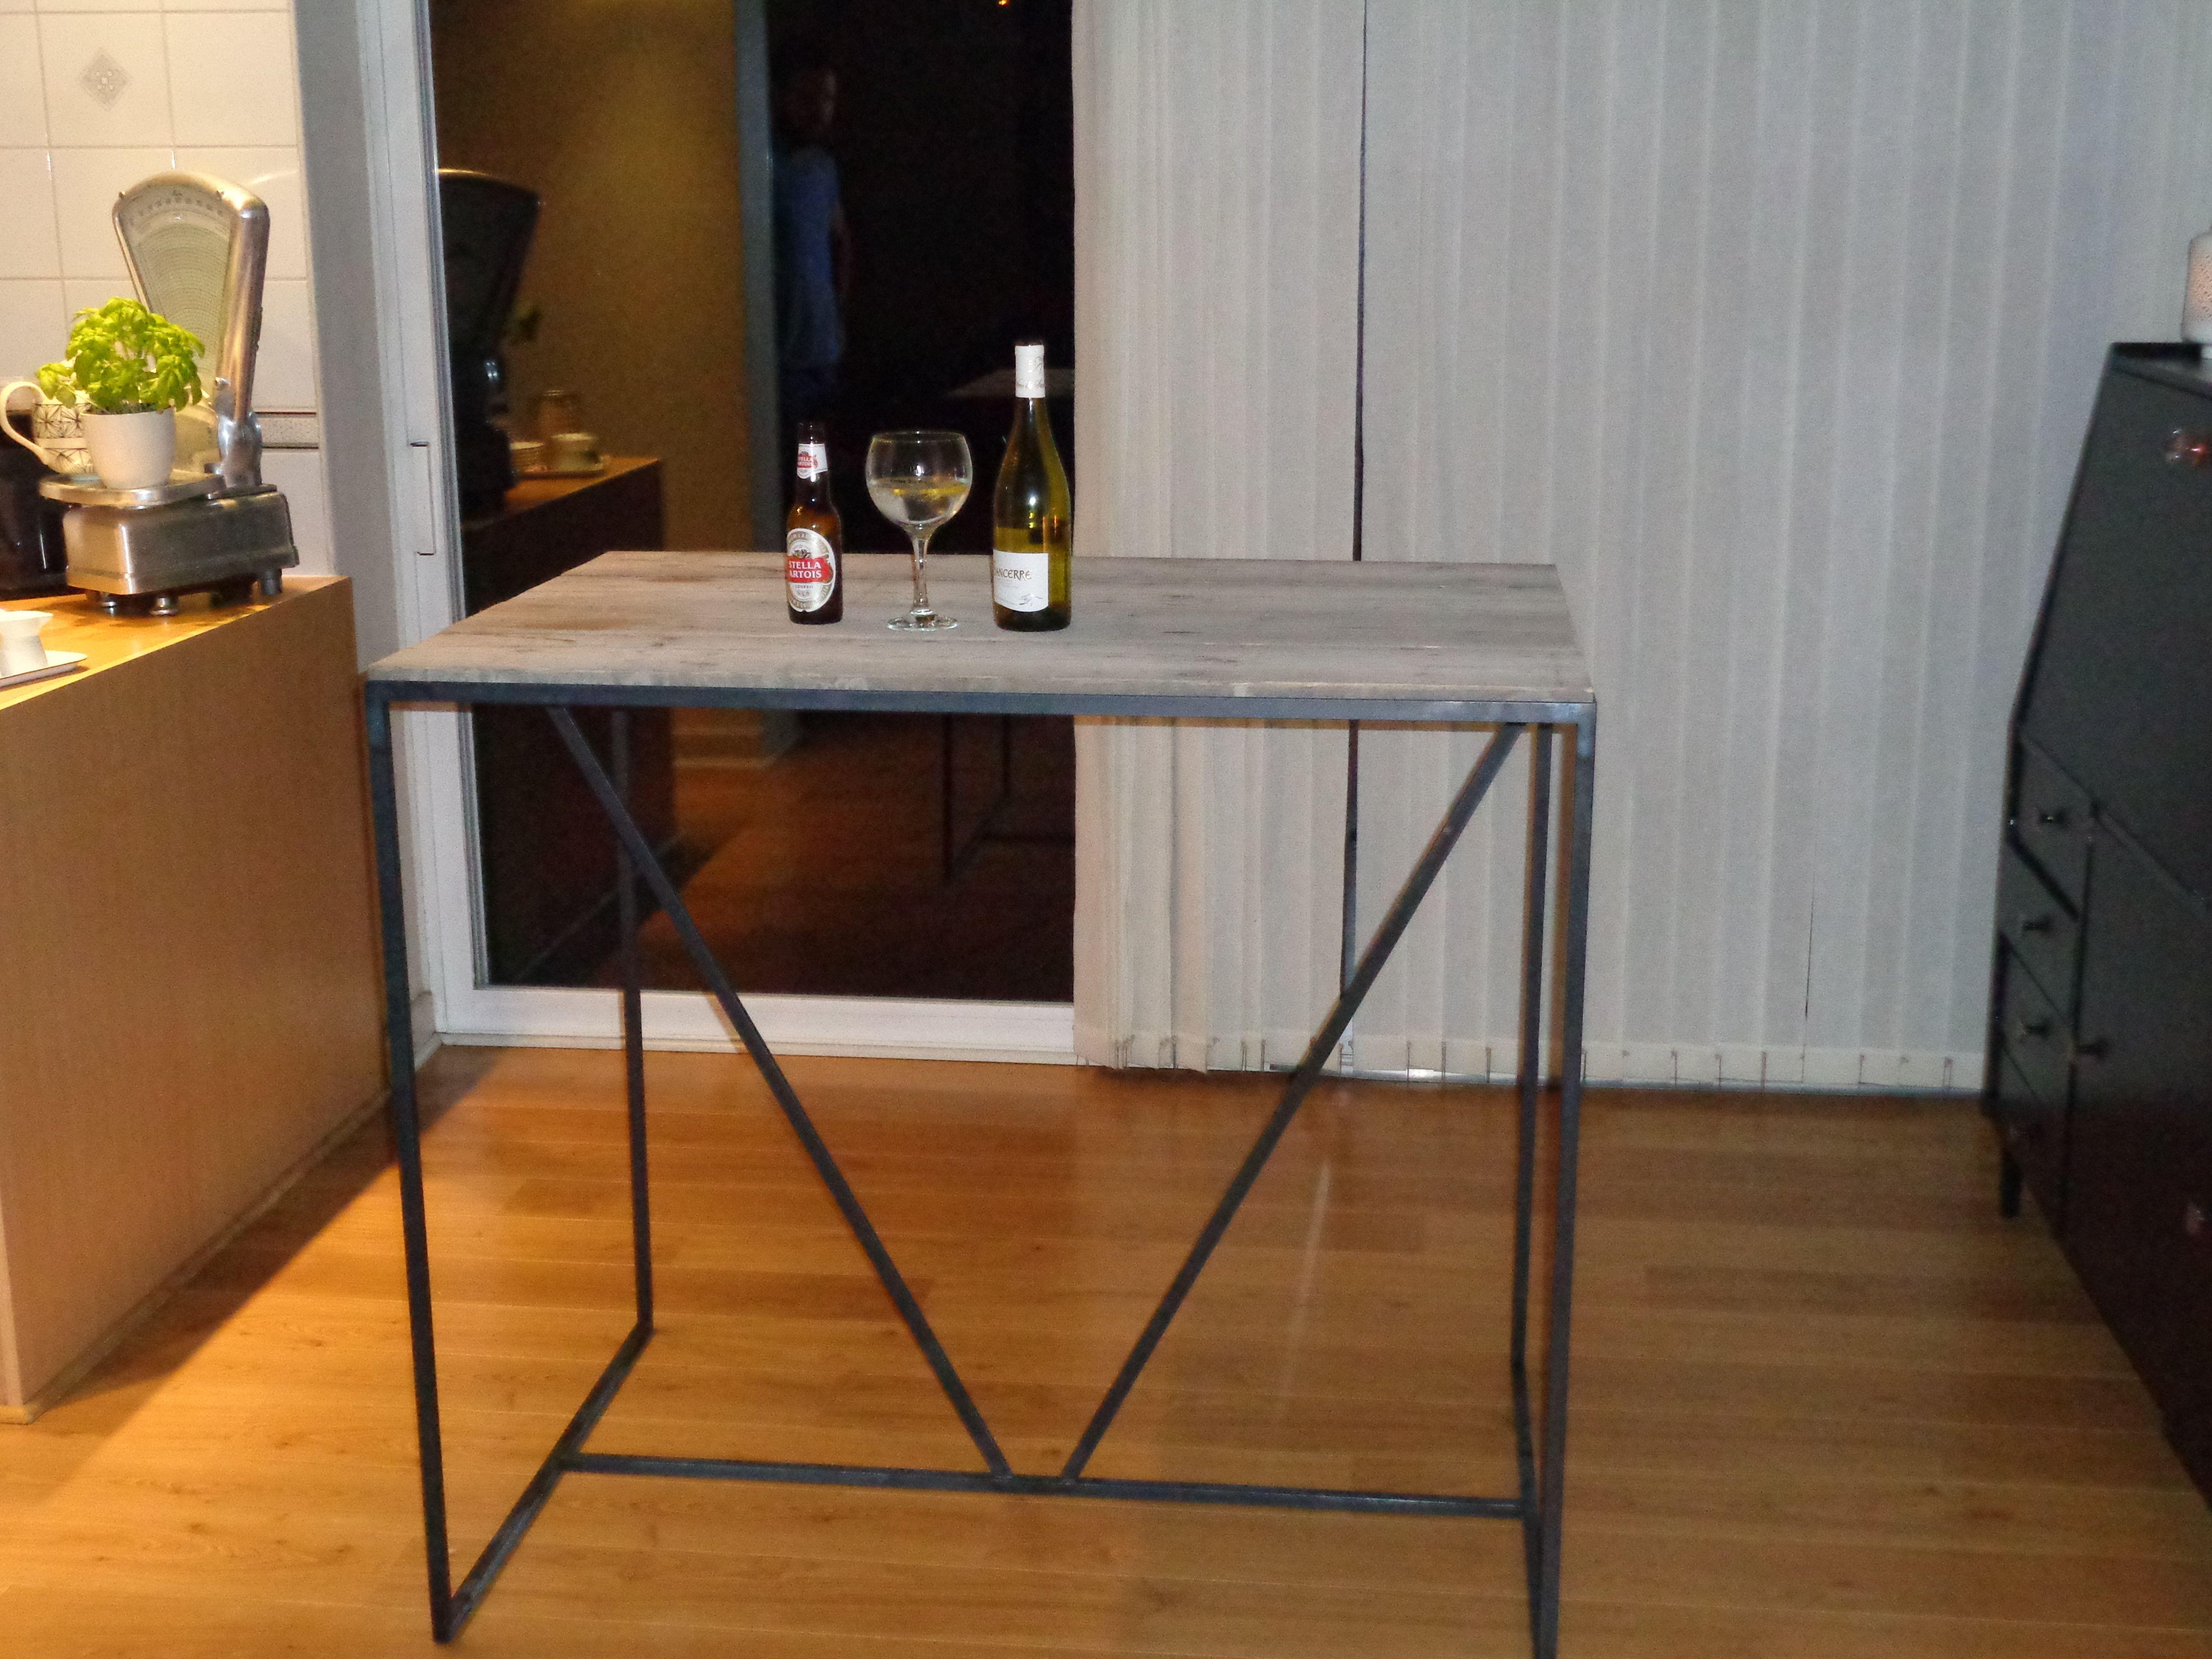 Eettafel Twee Personen.Hoge Eettafel Voor 2 Personen Tafel S Desk Table En Furniture